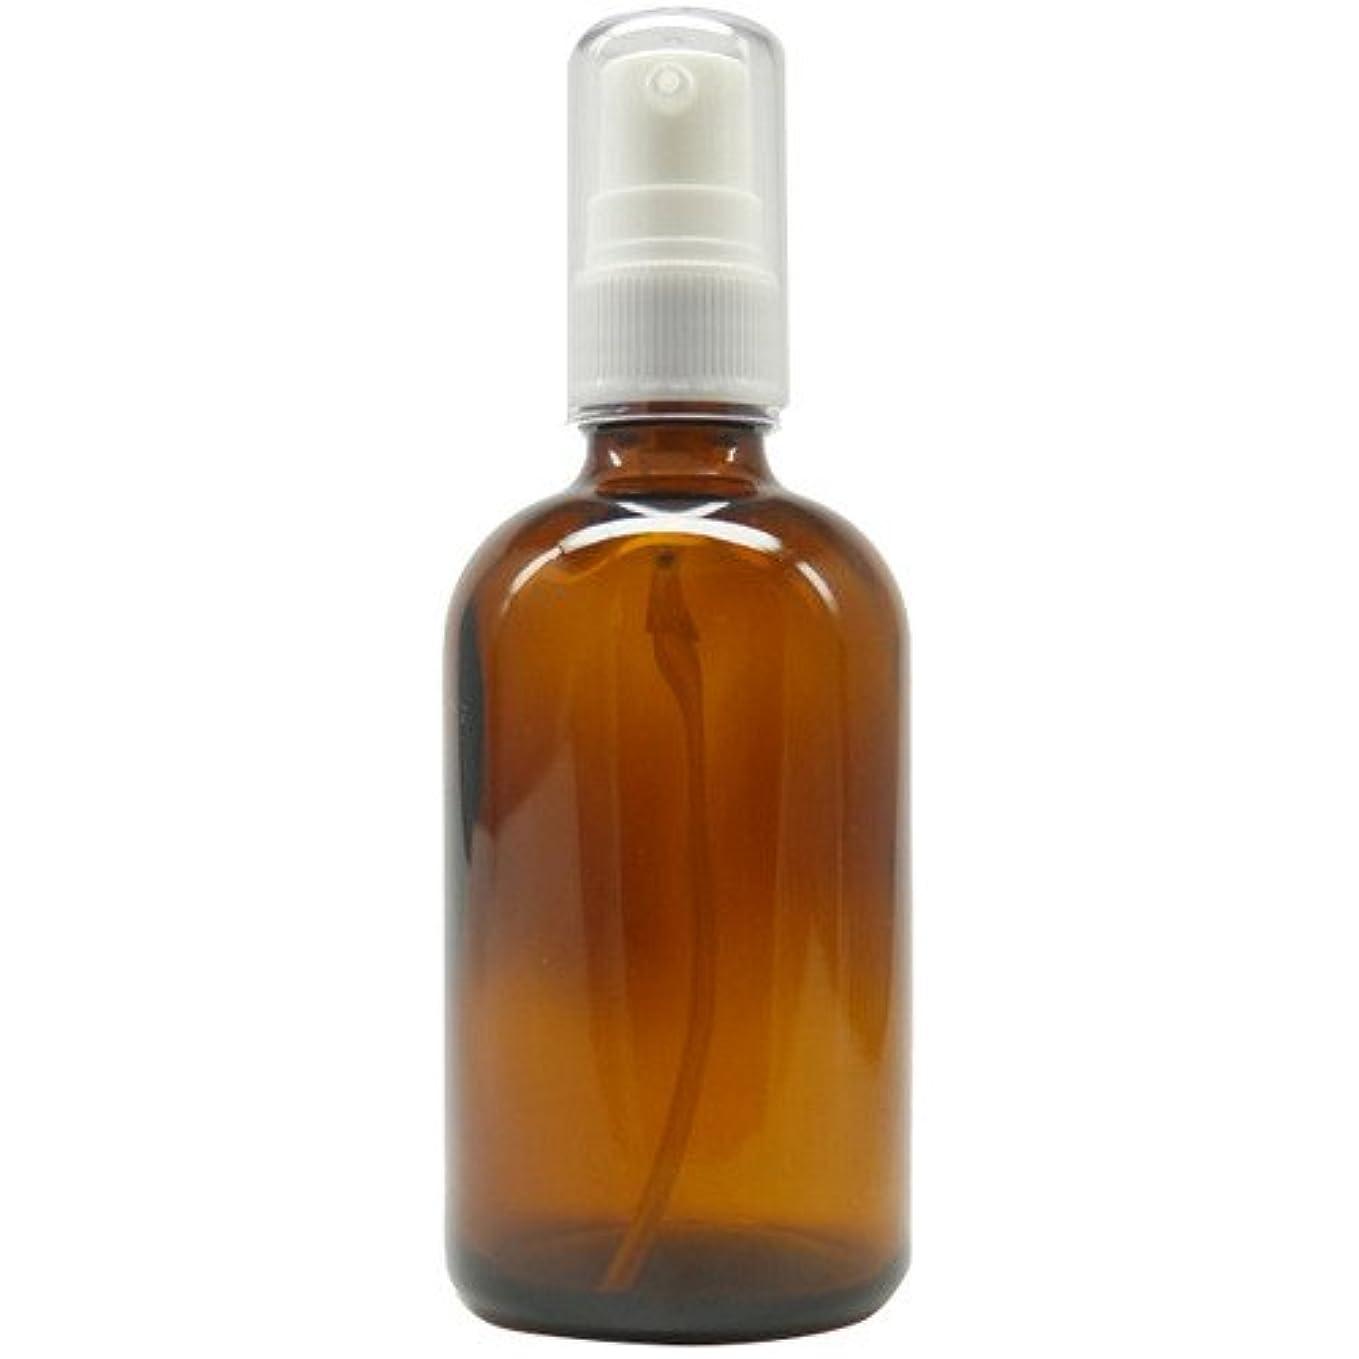 ミル犯罪ミスペンドアロマアンドライフ (D)茶褐色ポンプ瓶100ml 3本セット